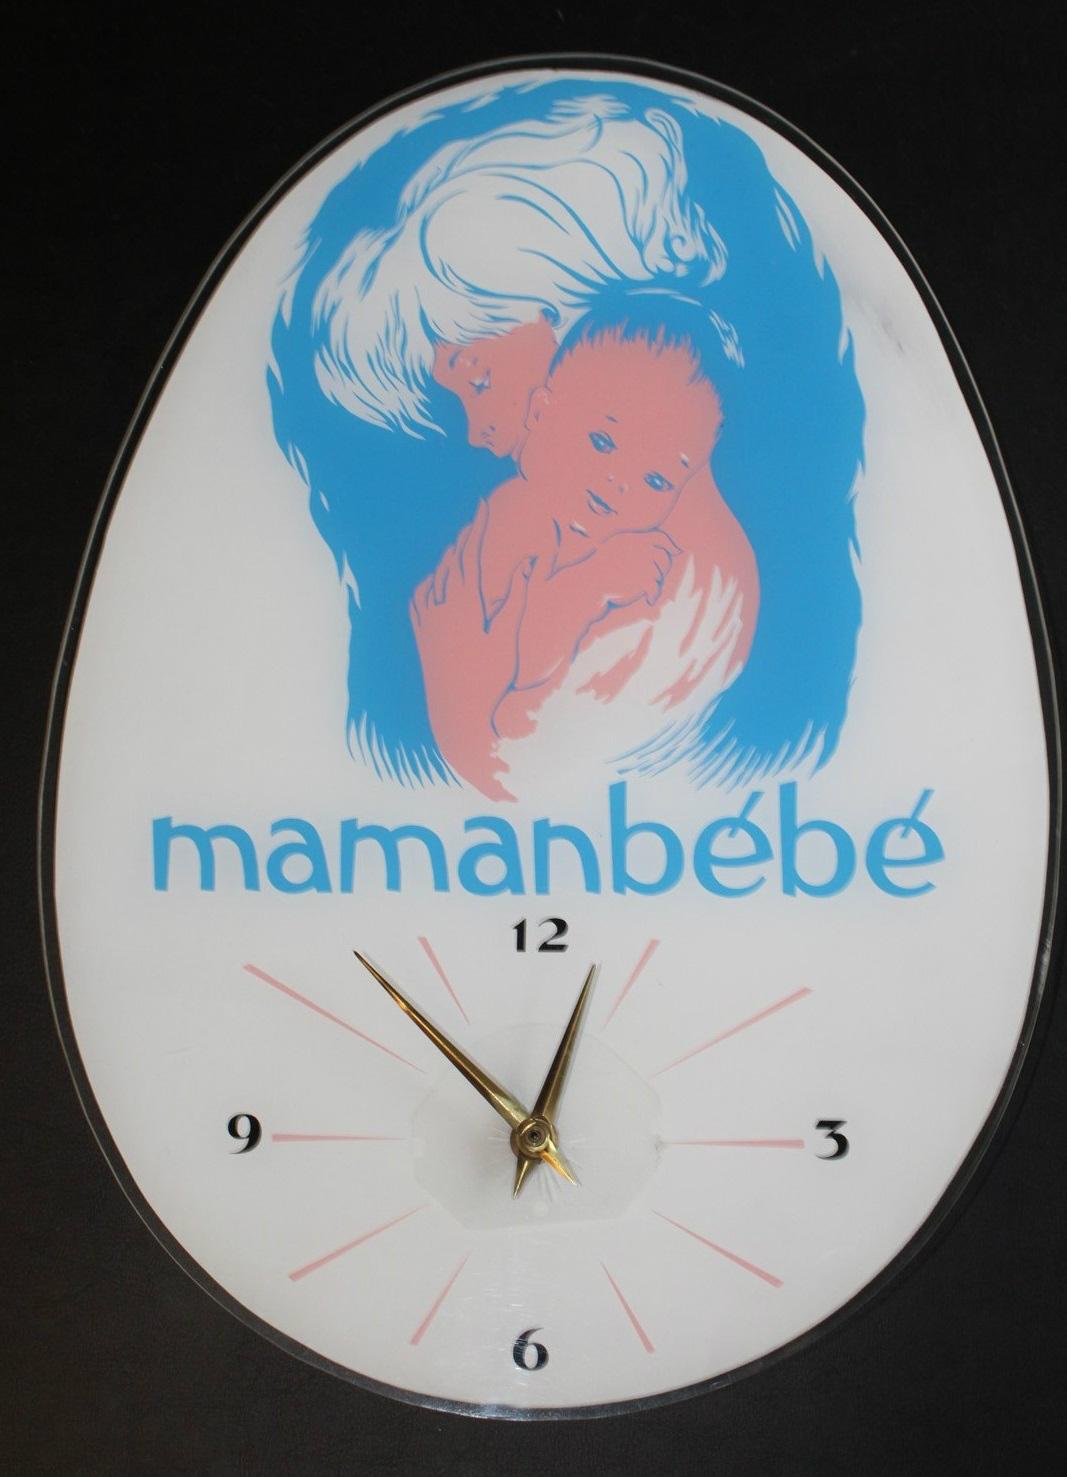 Mamanbébé (1)